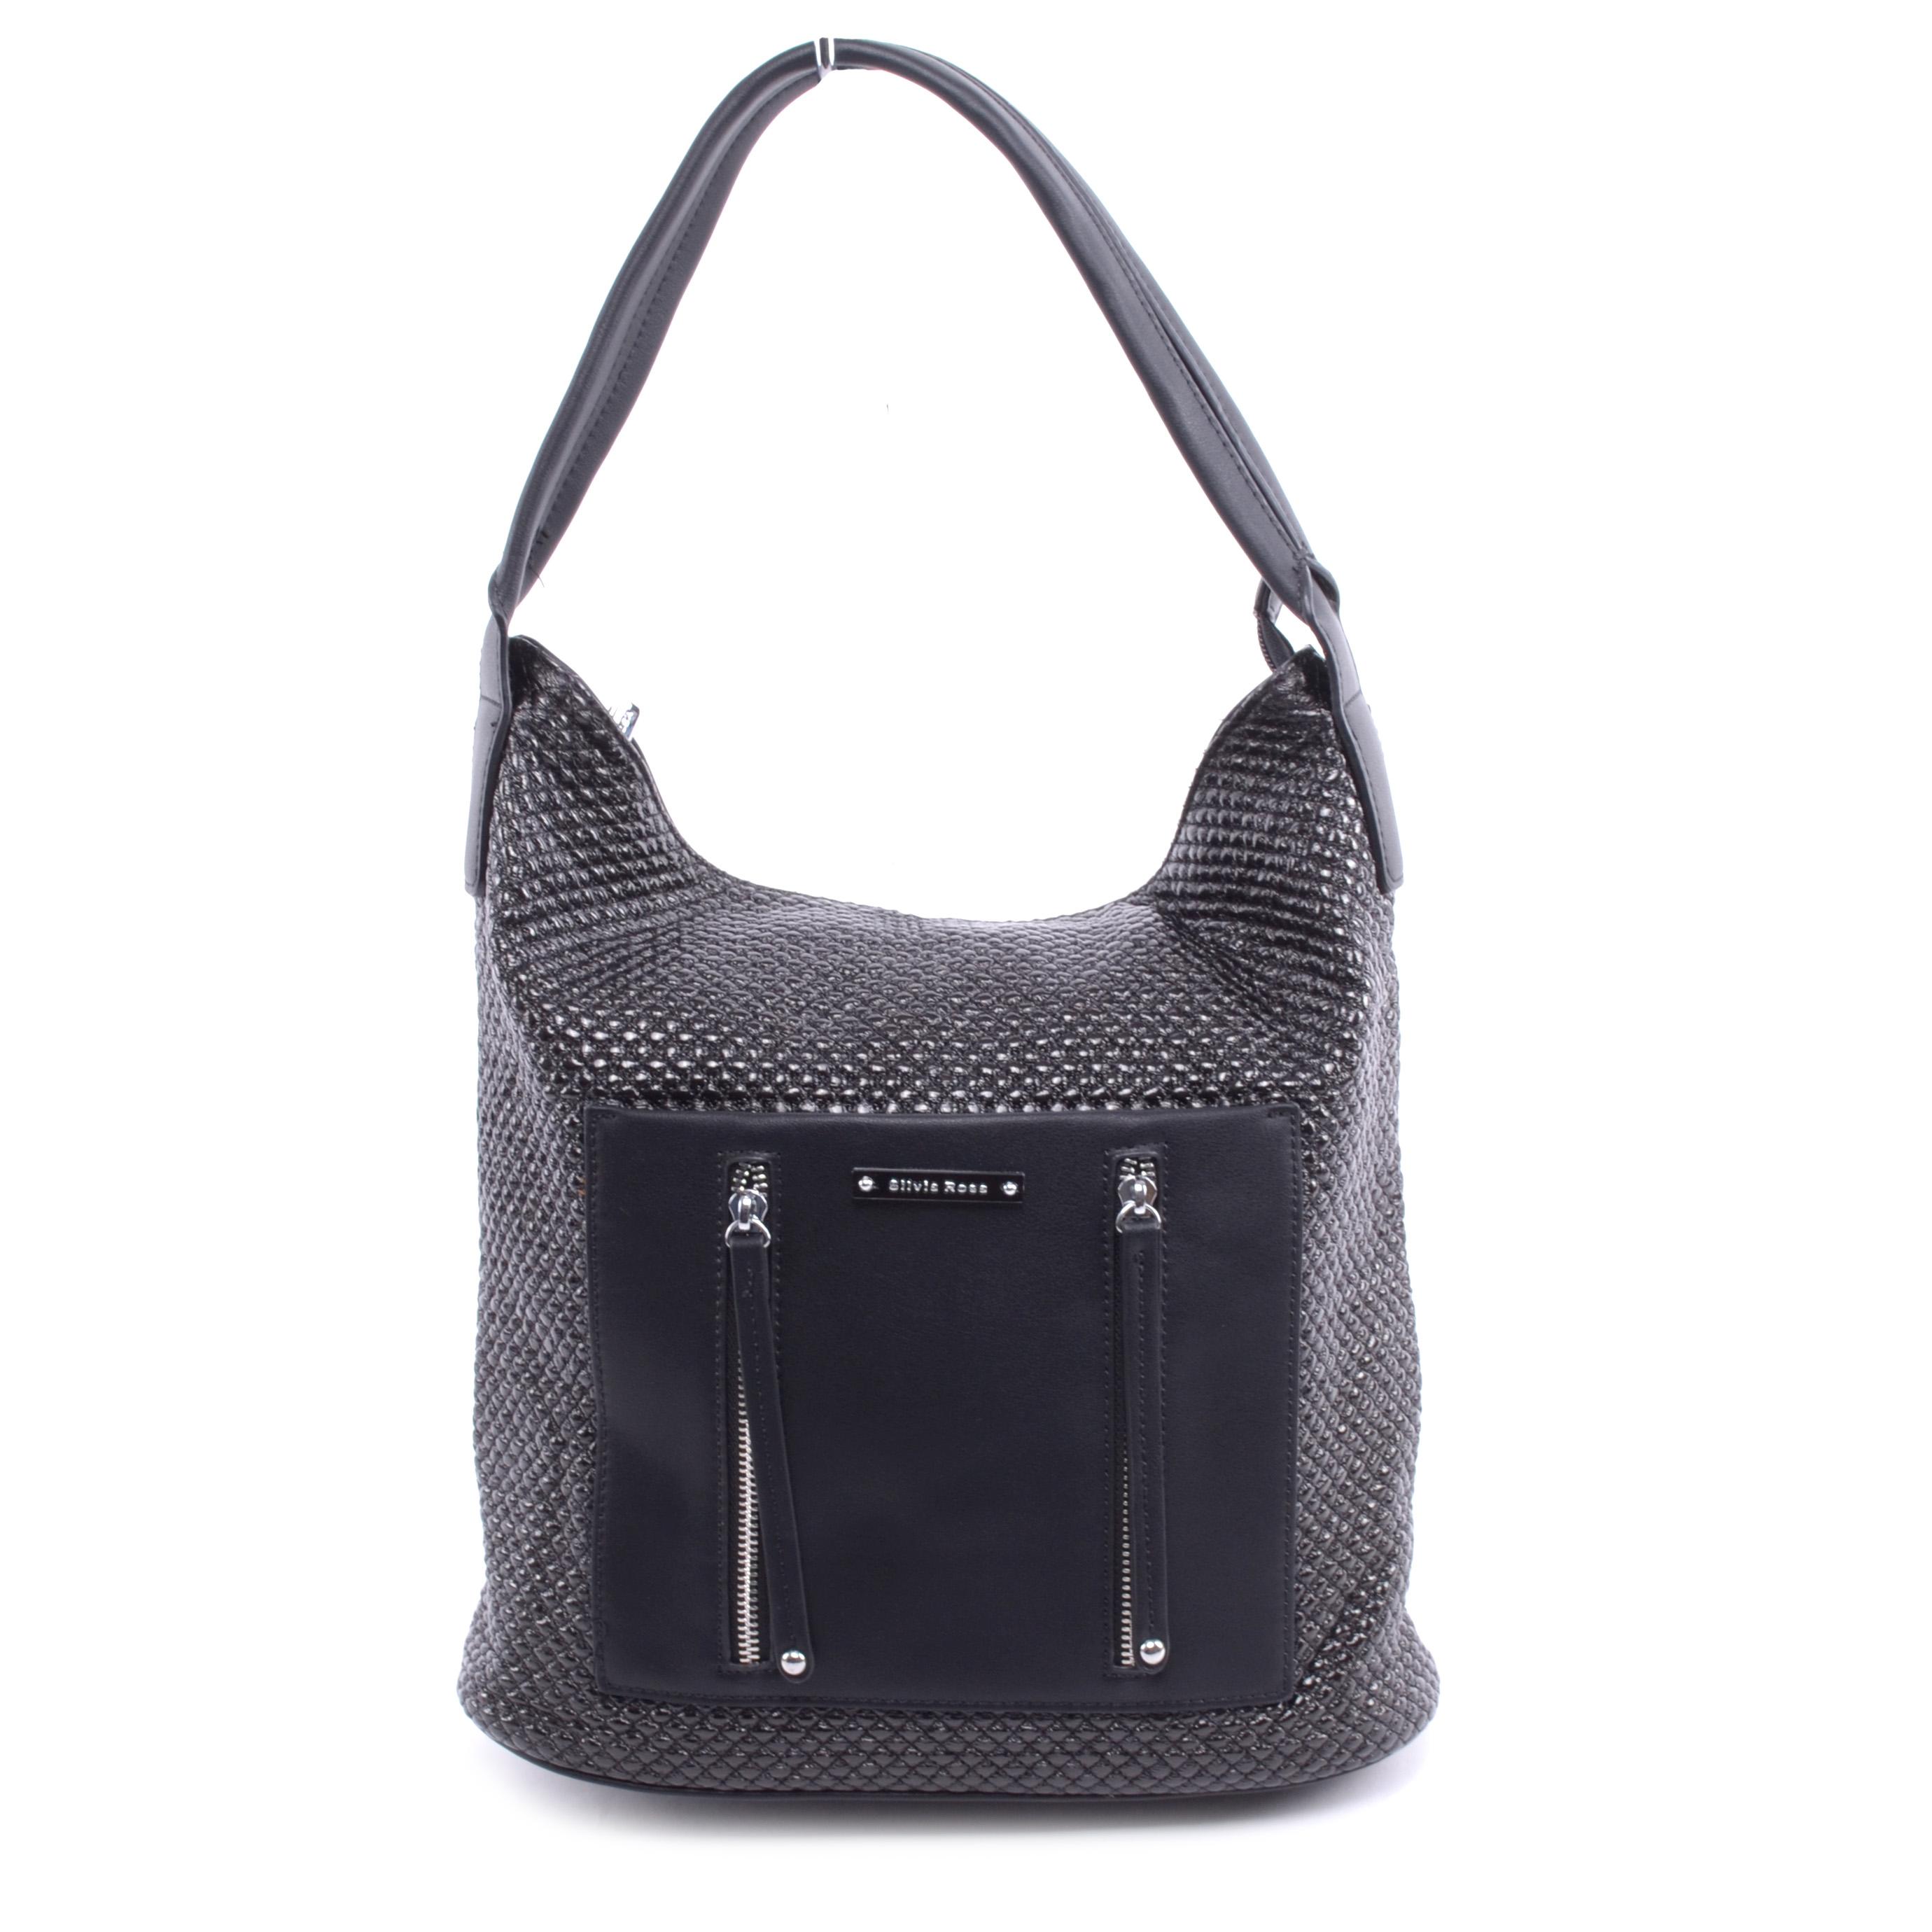 Silviarosa Női Műbőr Válltáska Fekete - Válltáskák - Táska webáruház -  Minőségi táskák mindenkinek b117c9fce3